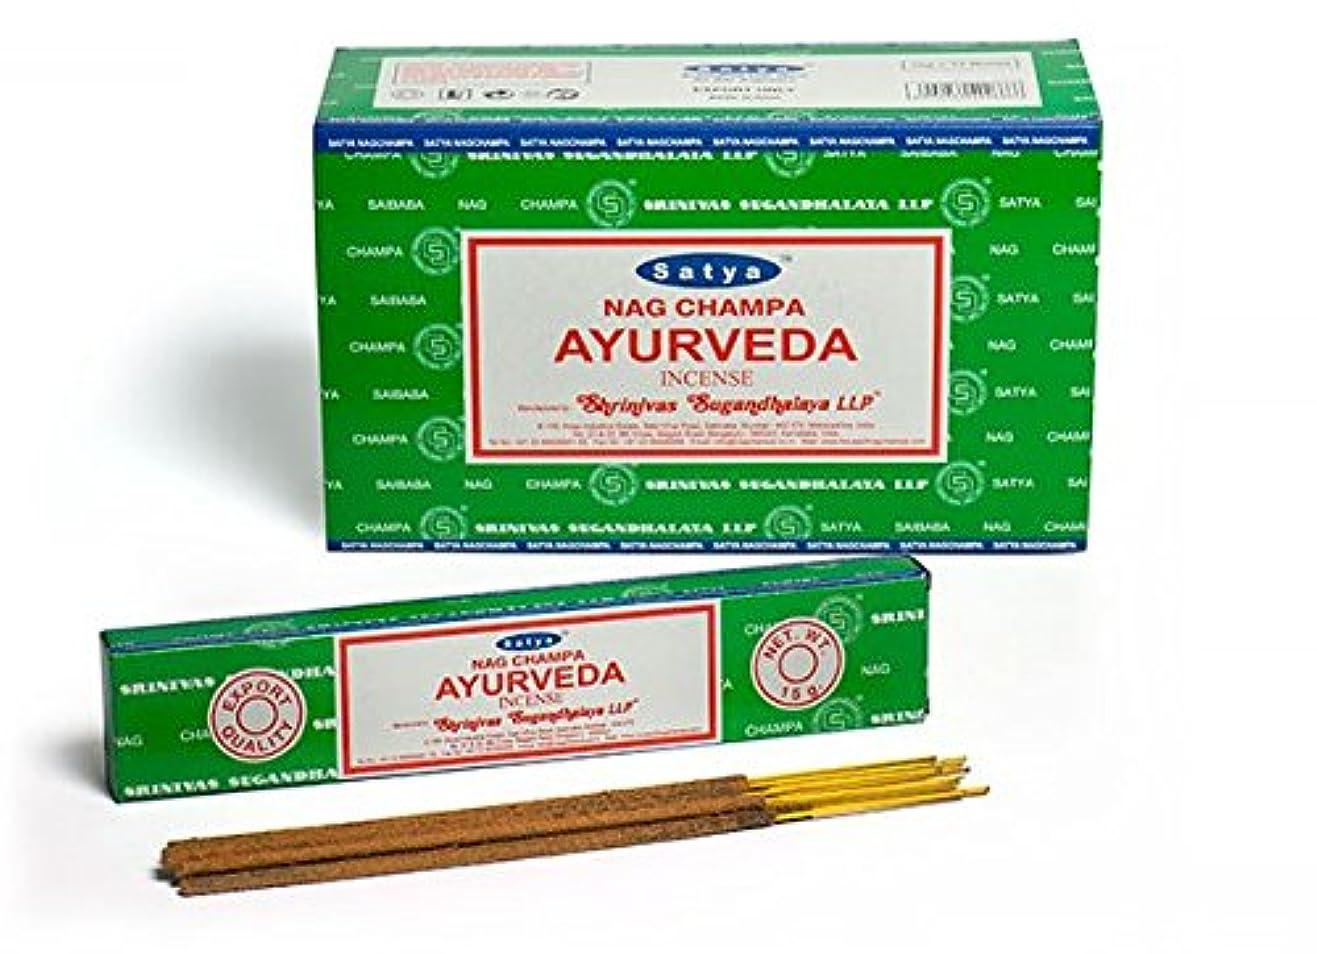 未亡人艦隊安全性Satya Nag Champa Ayurveda お香スティック Agarbatti 180グラムボックス | 15グラム入り12パック